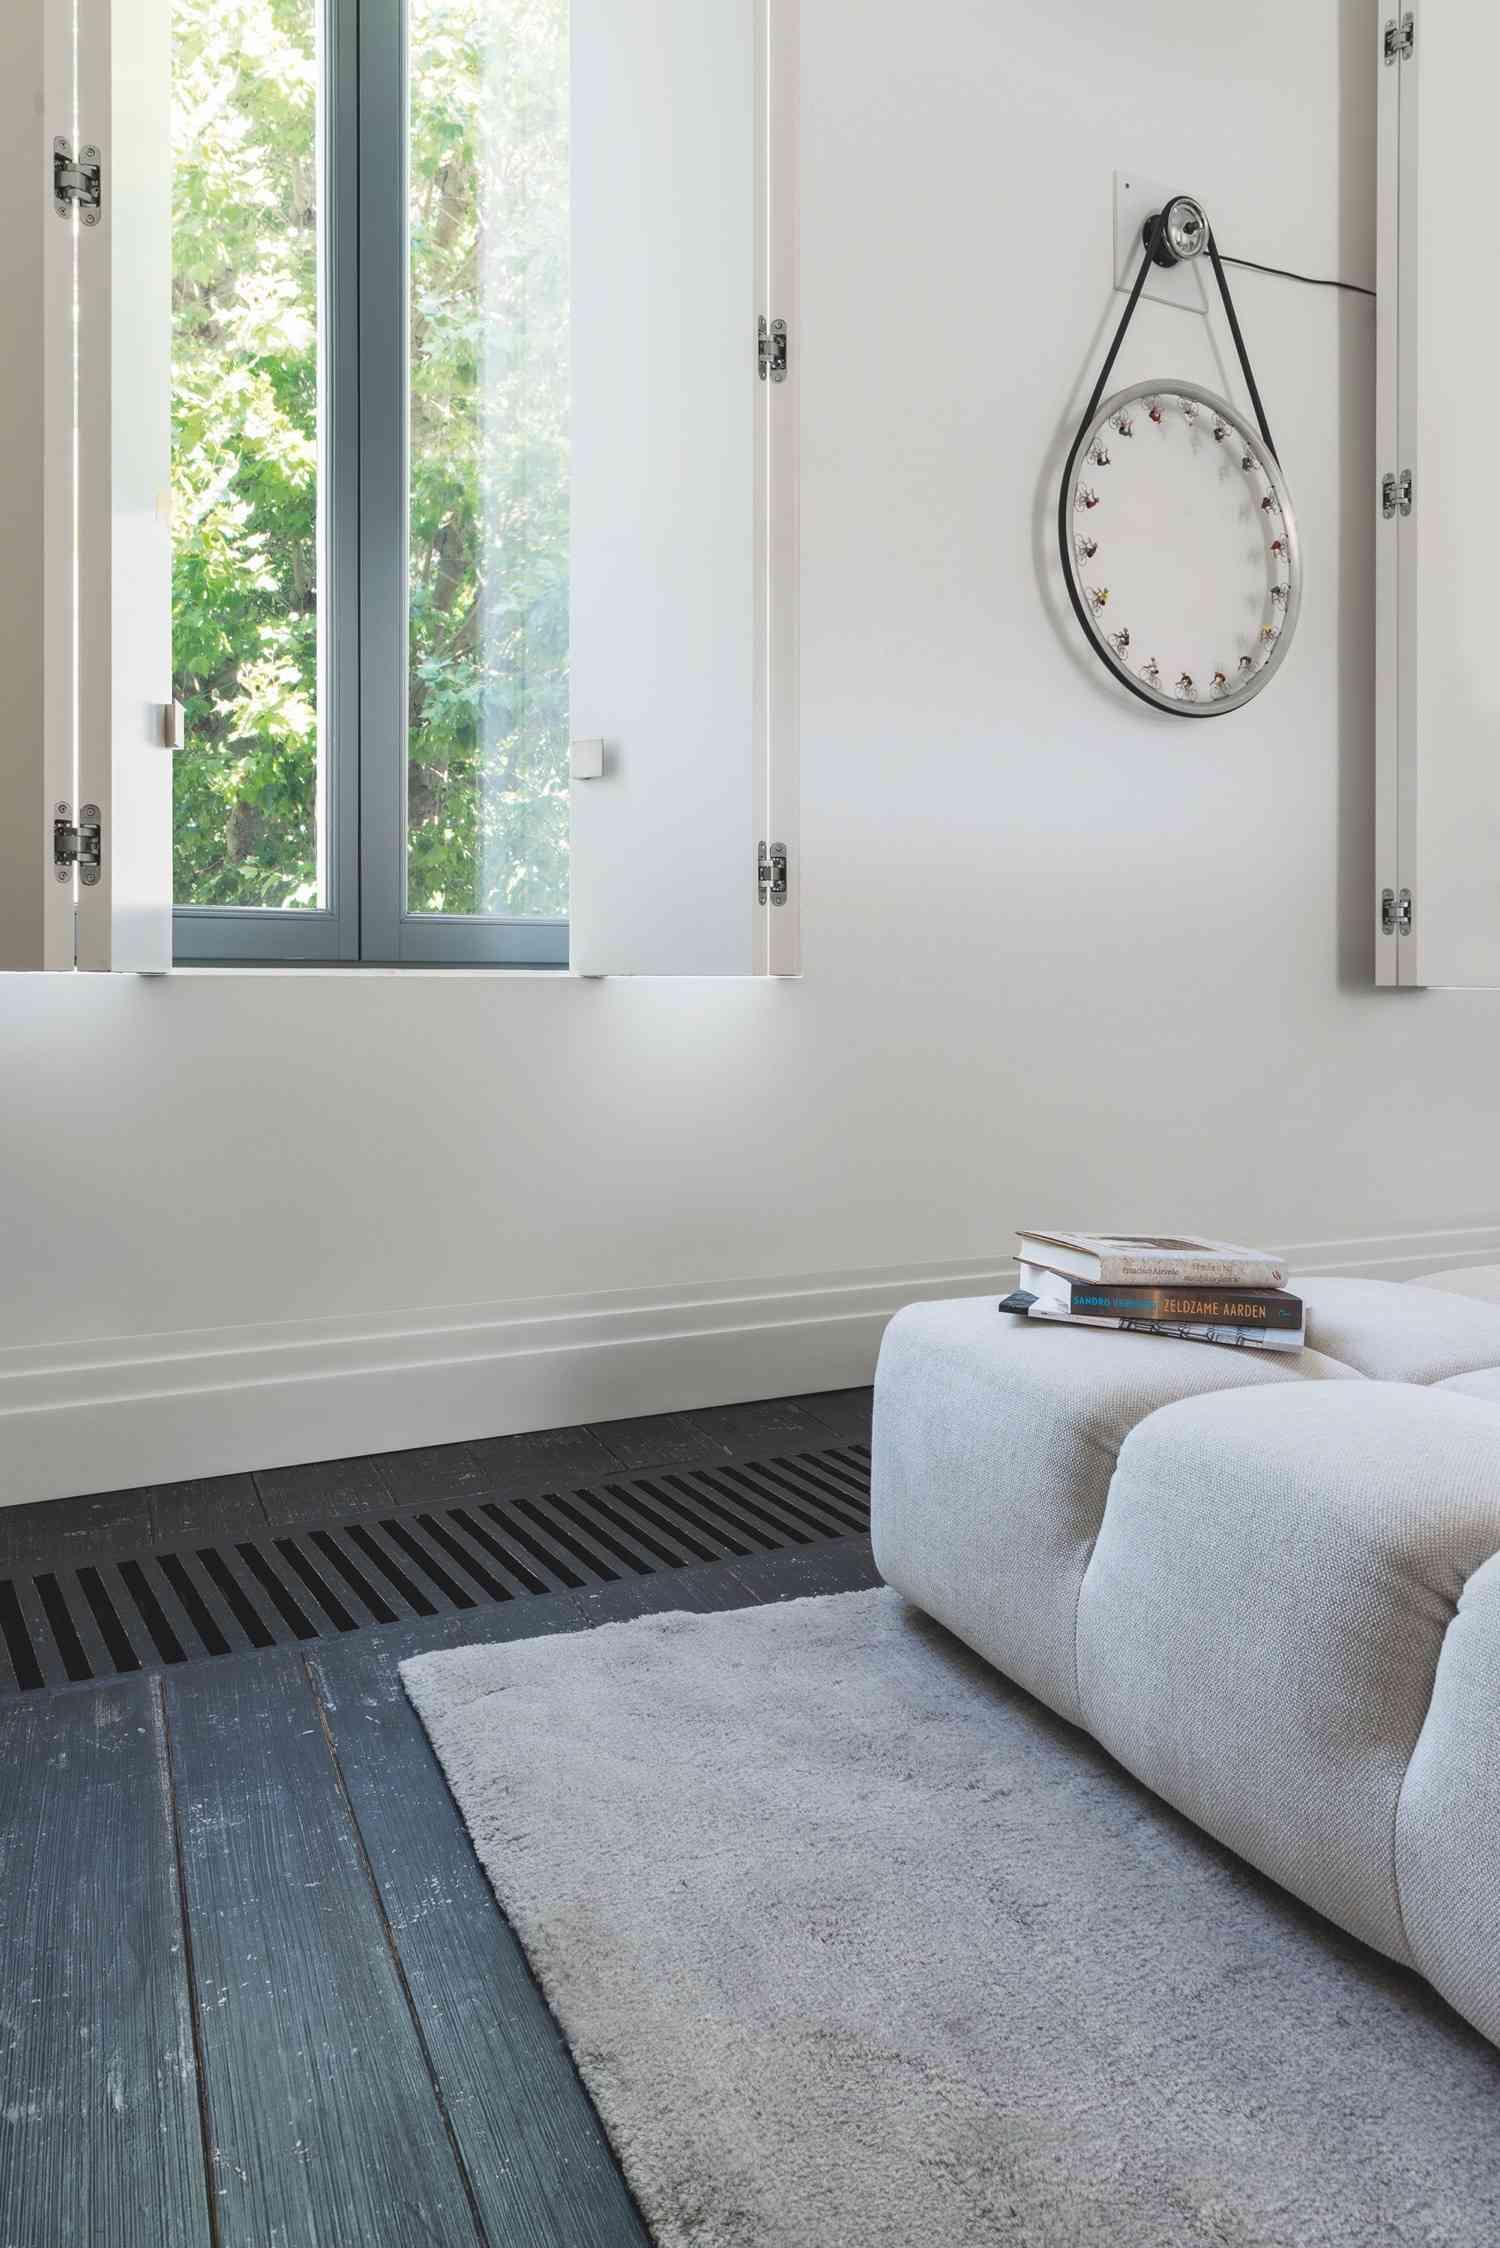 Suelos y paredes beautiful suelo y paredes vinlicos for Zocalos para garajes